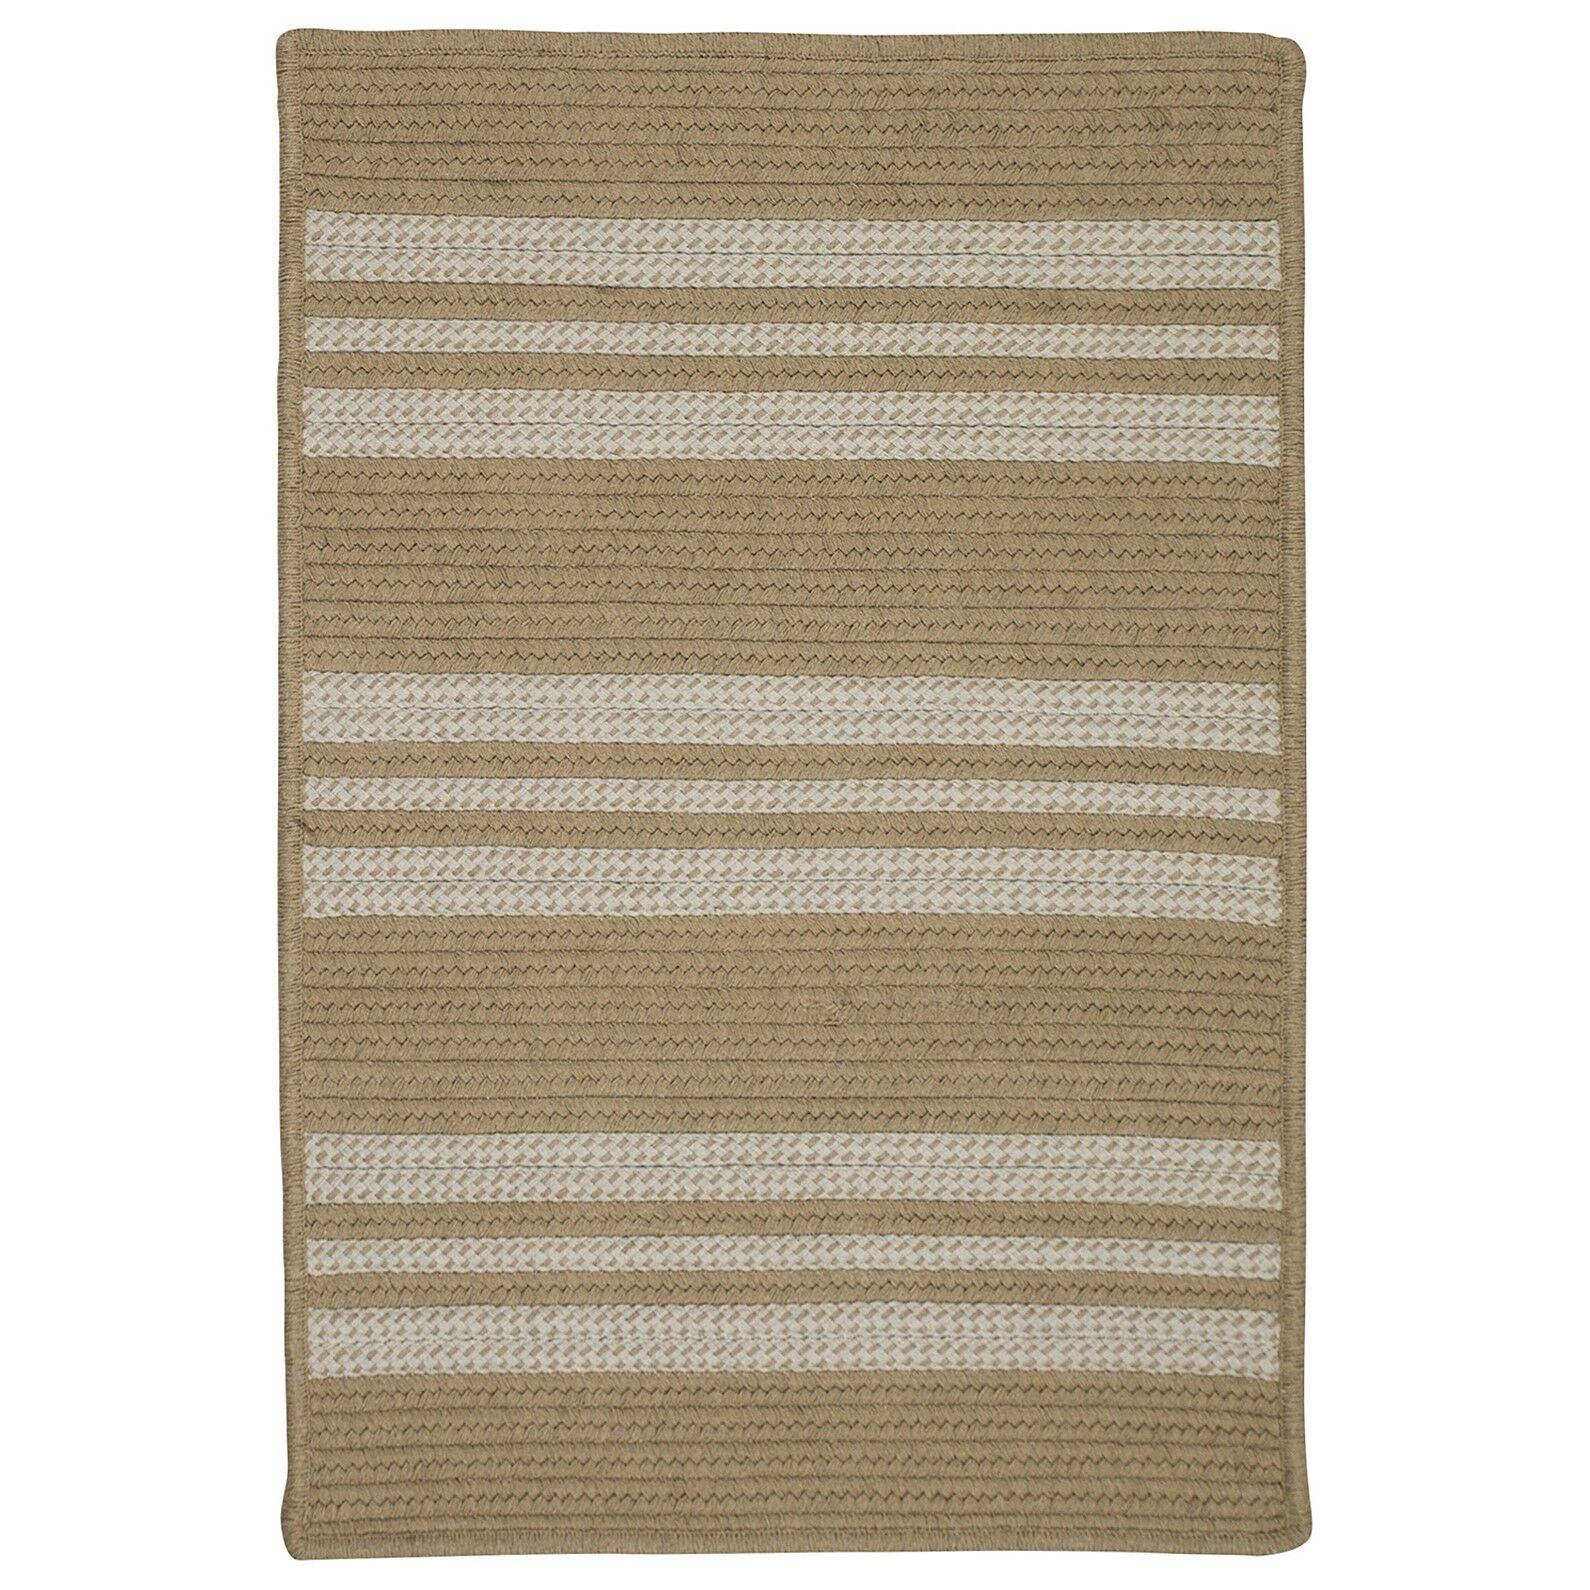 Neponset Hand-Woven Beige Indoor/Outdoor Area Rug Rug Size: Runner 2' x 9'